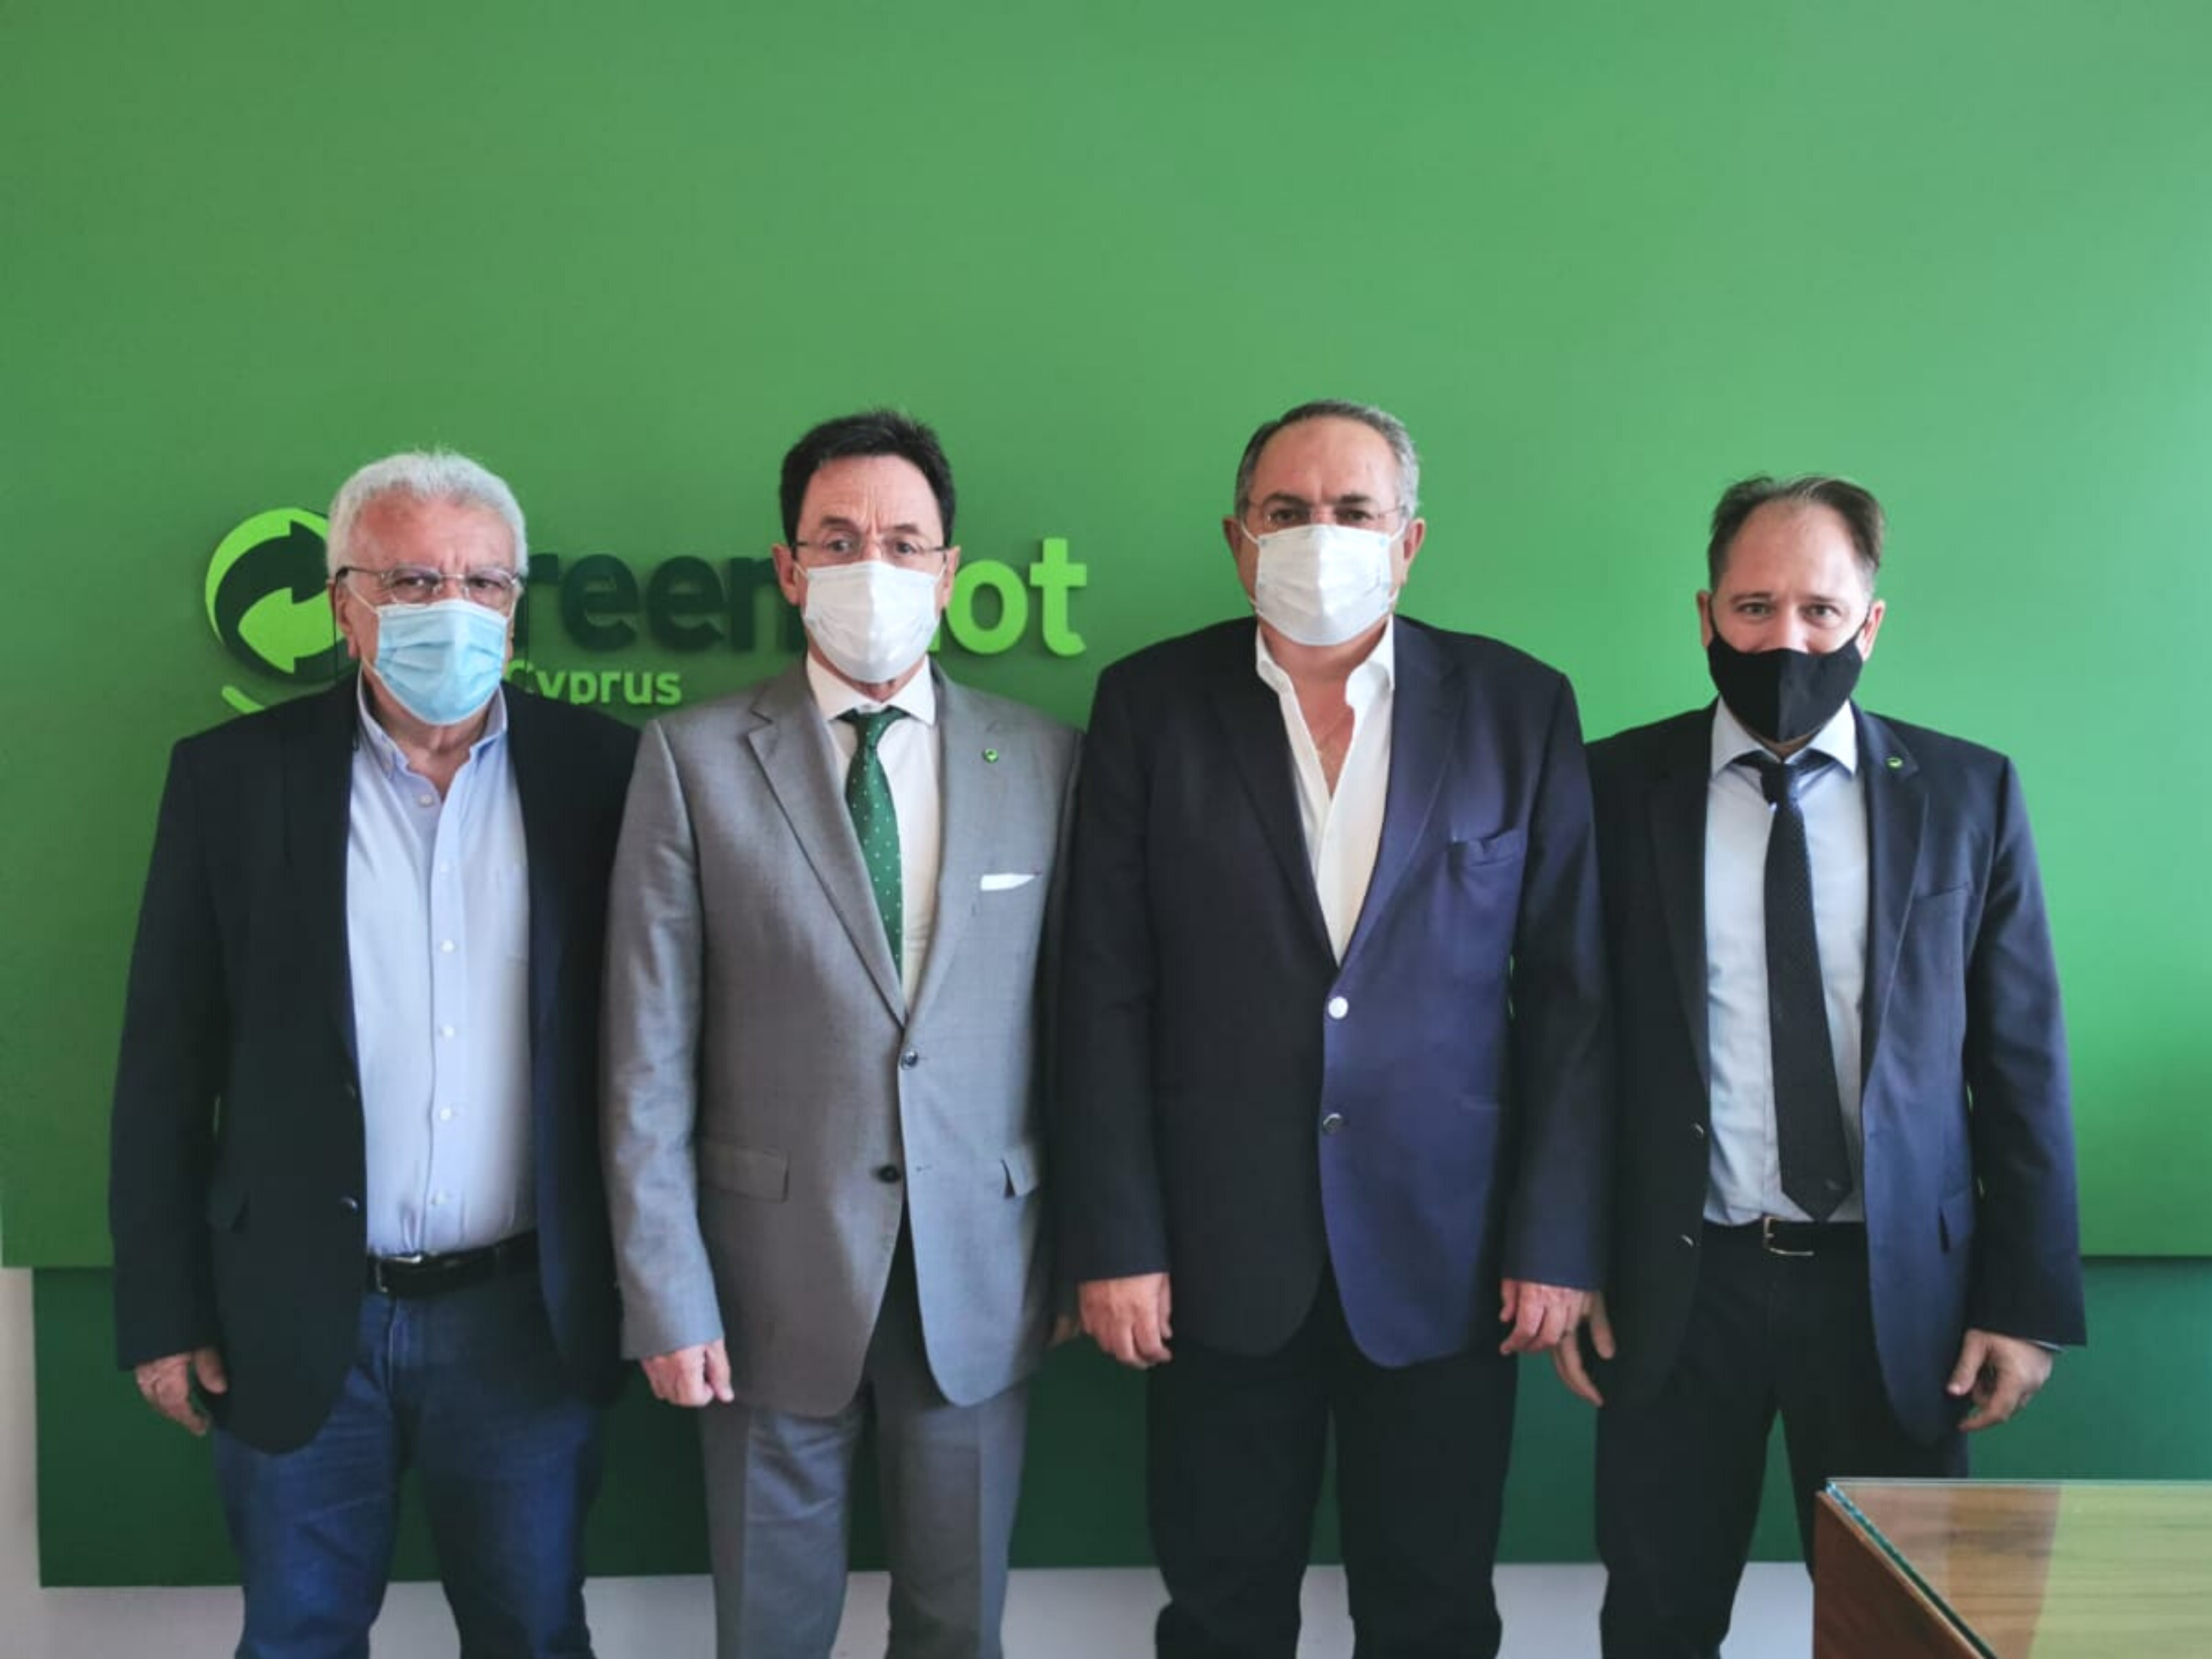 Συνεργασία Green Dot Κύπρου - ΔΙ.ΧΑ